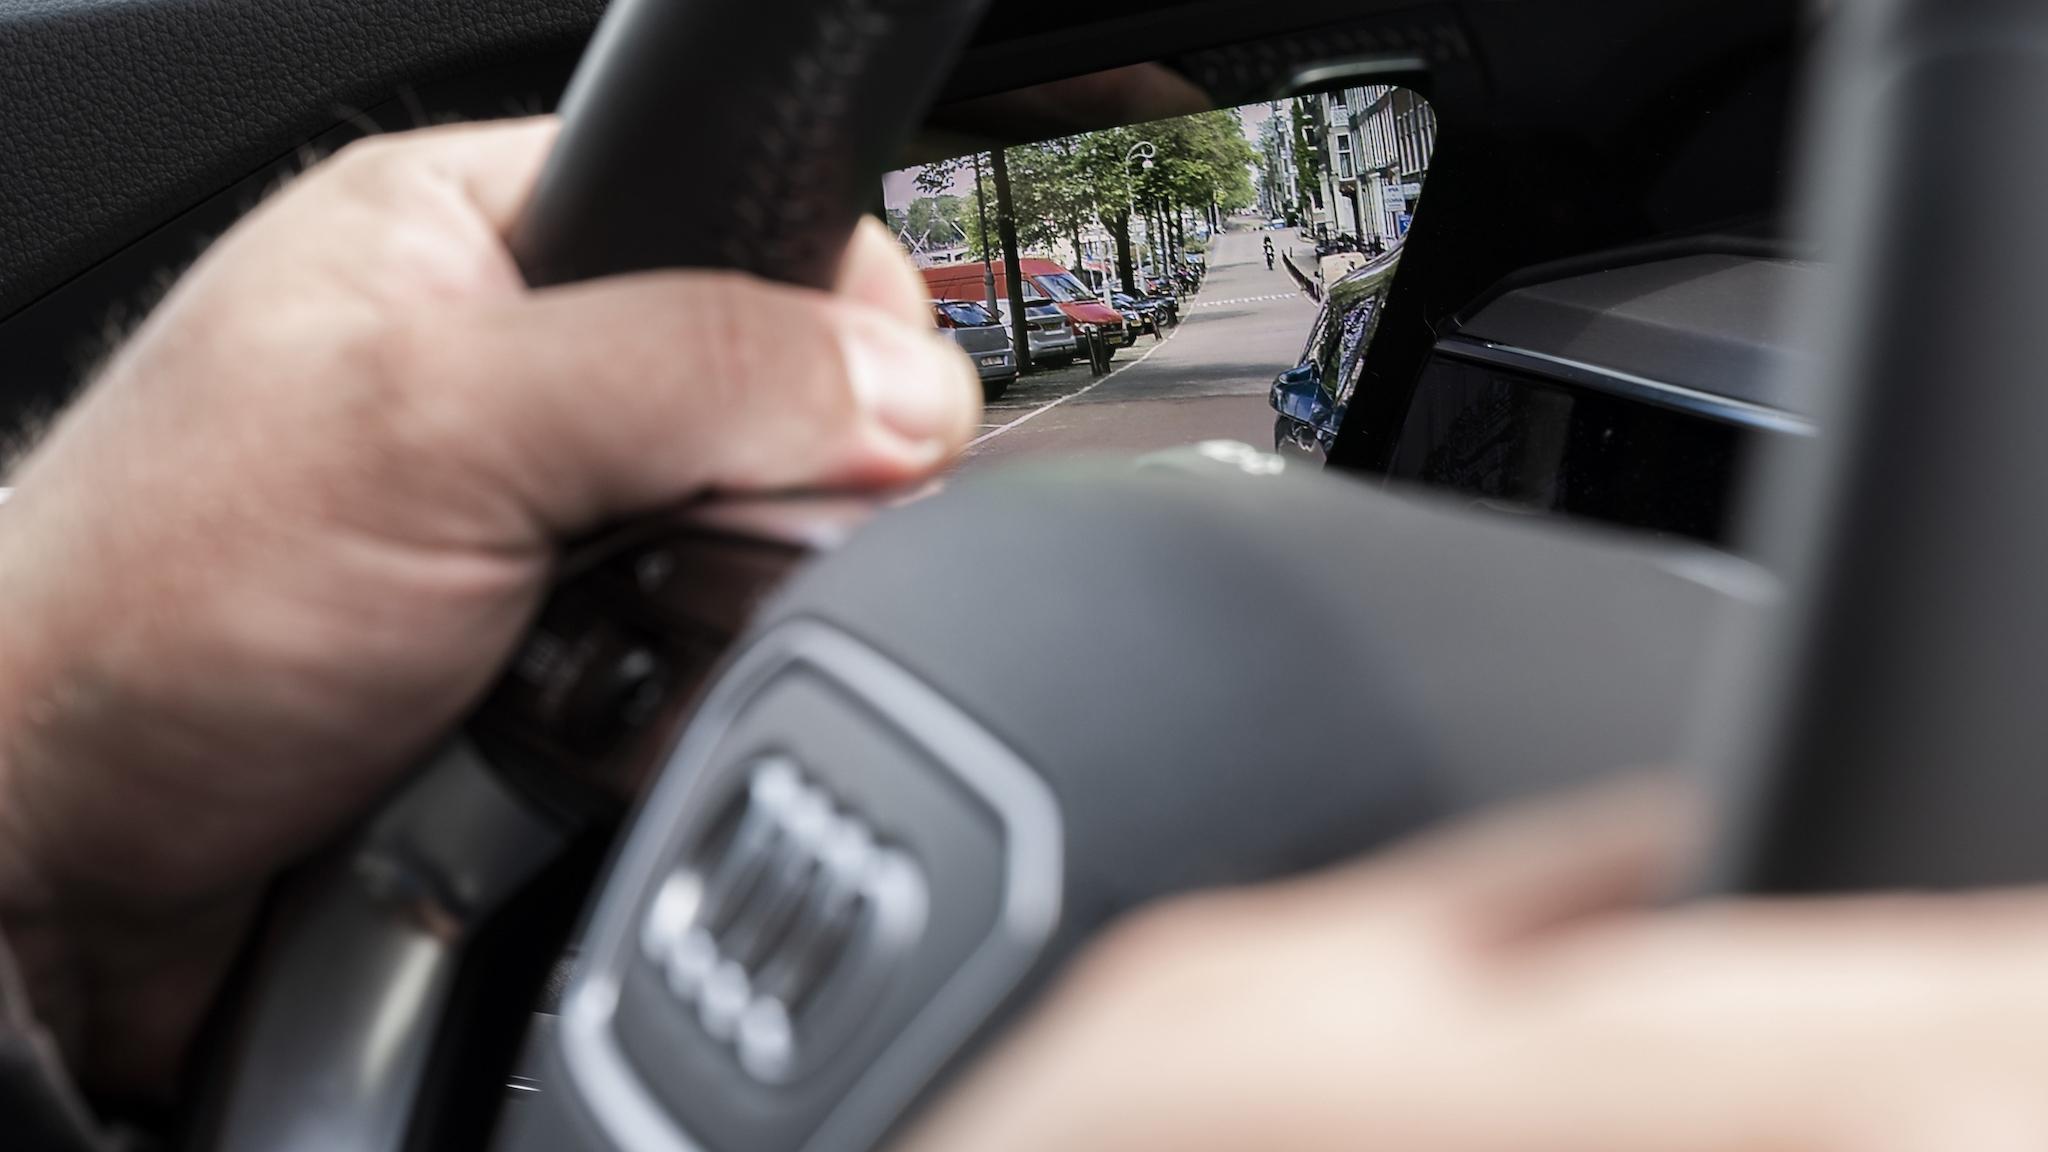 Audi e-tron 率先推出虛擬後視鏡,11 月底前免費升級